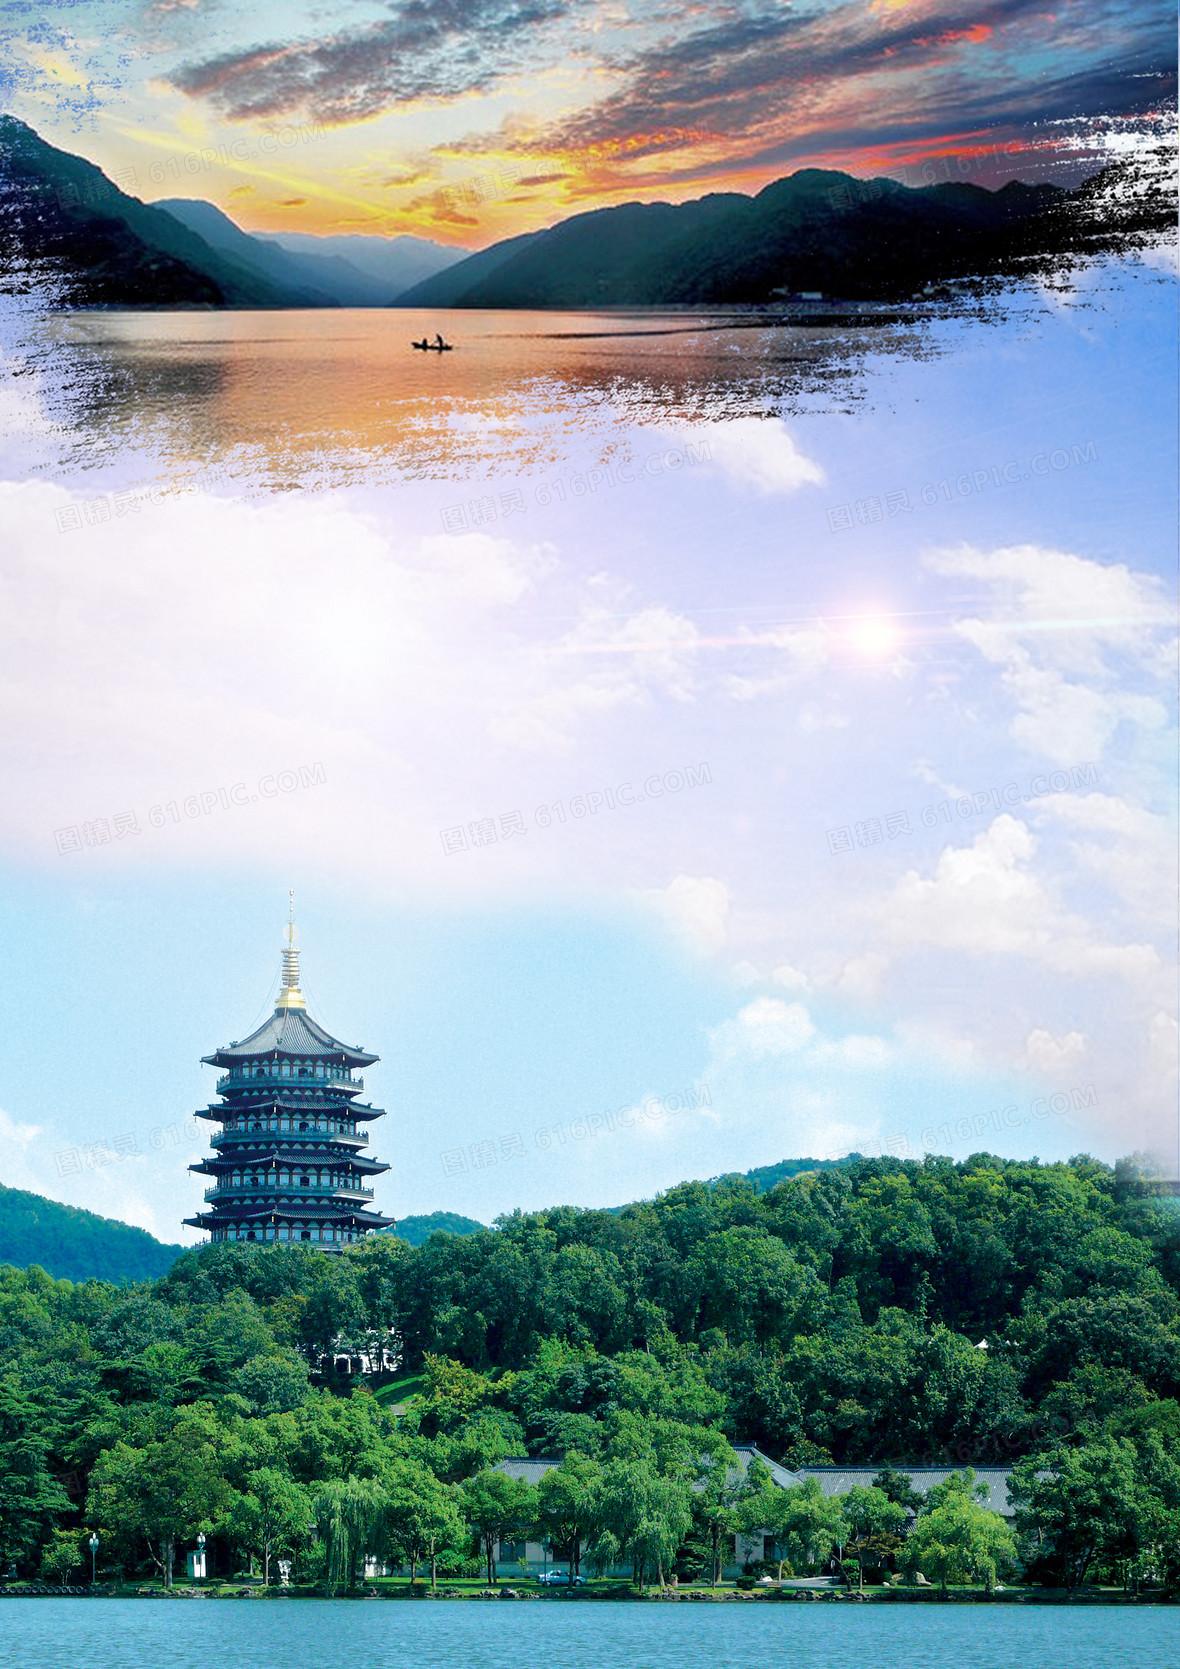 杭州西湖旅游印象城市海报背景素材